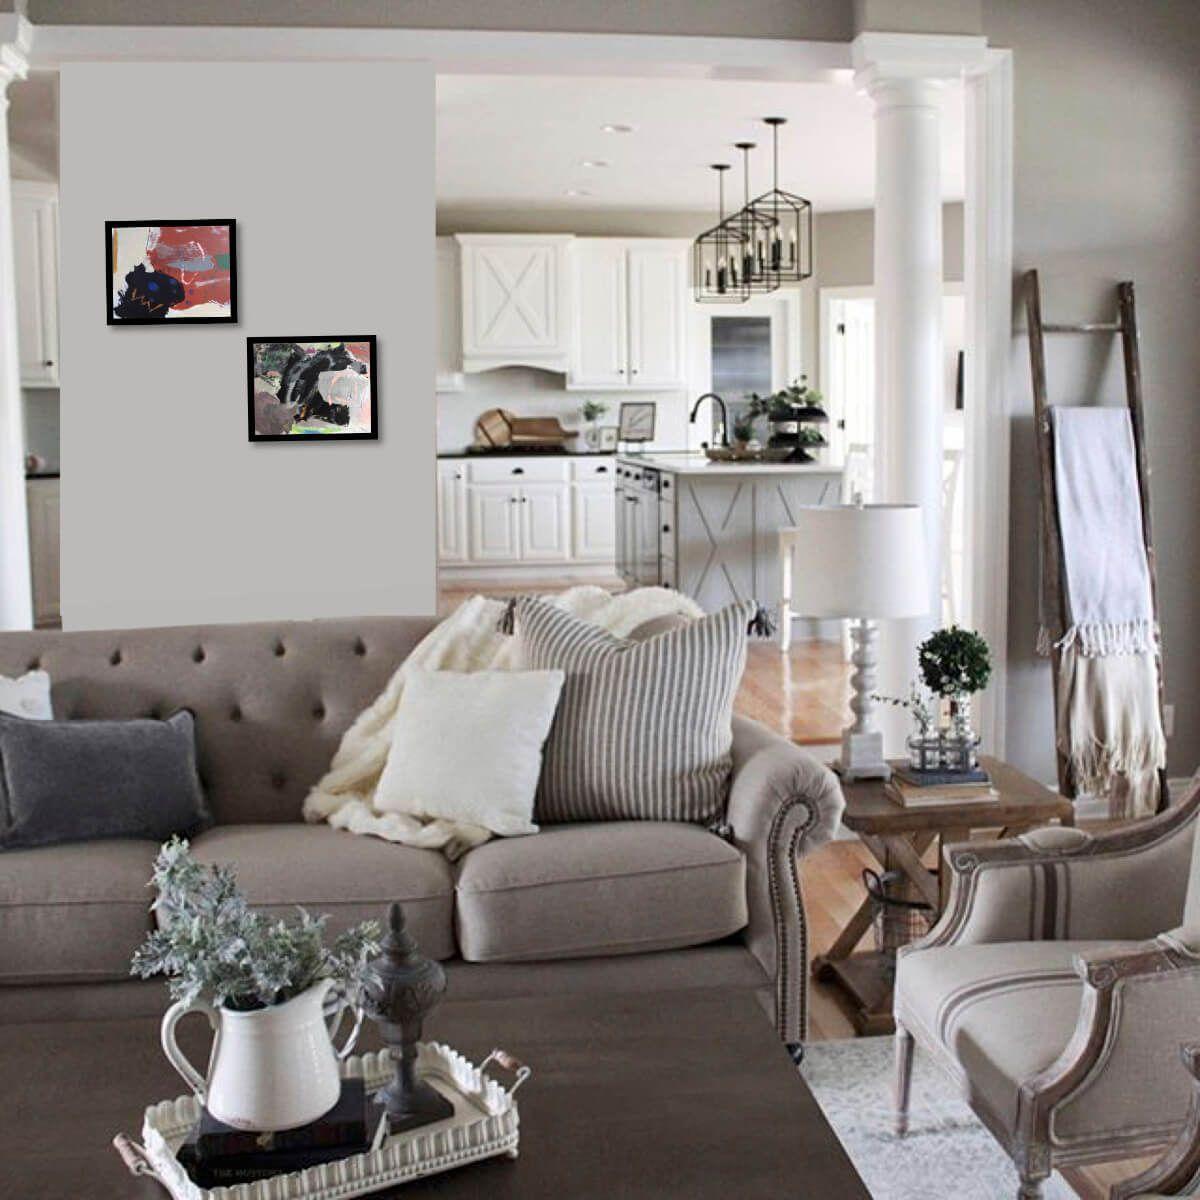 Modern Furniture 2014 Clever Furniture Arrangement Tips: Artistic Wedding Register